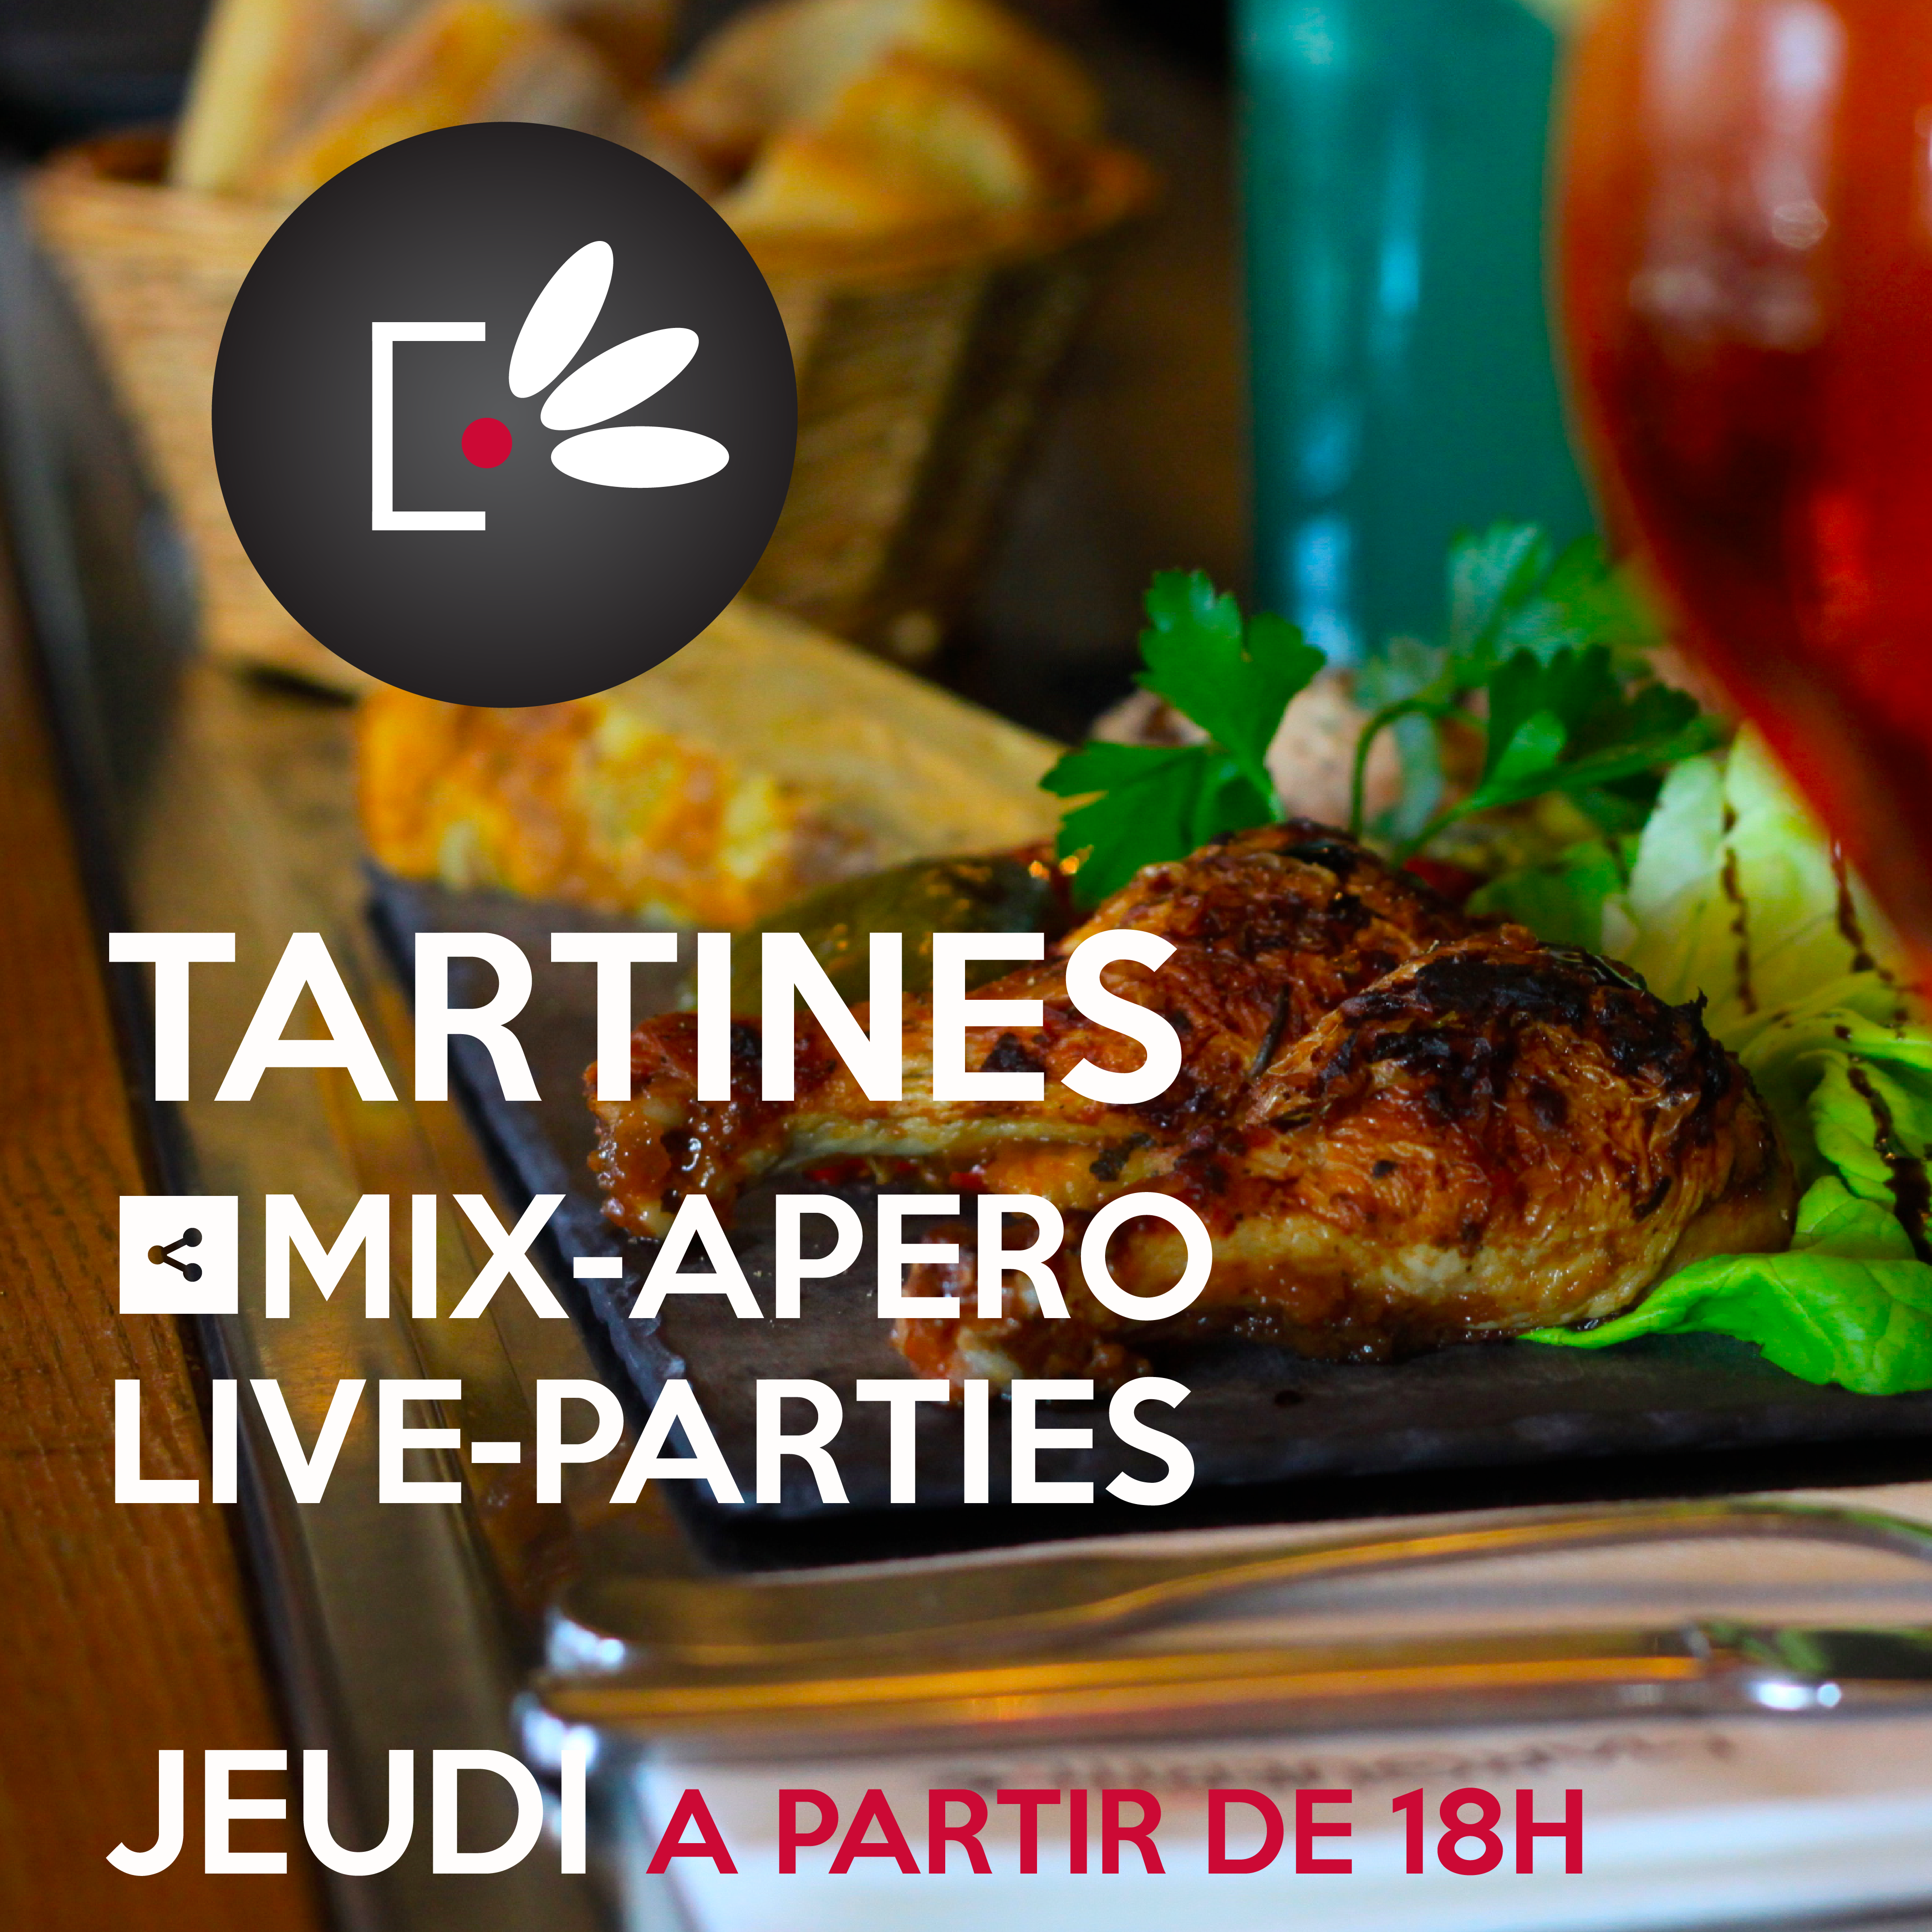 TARTINE MIX APERO LIVE TARTINES